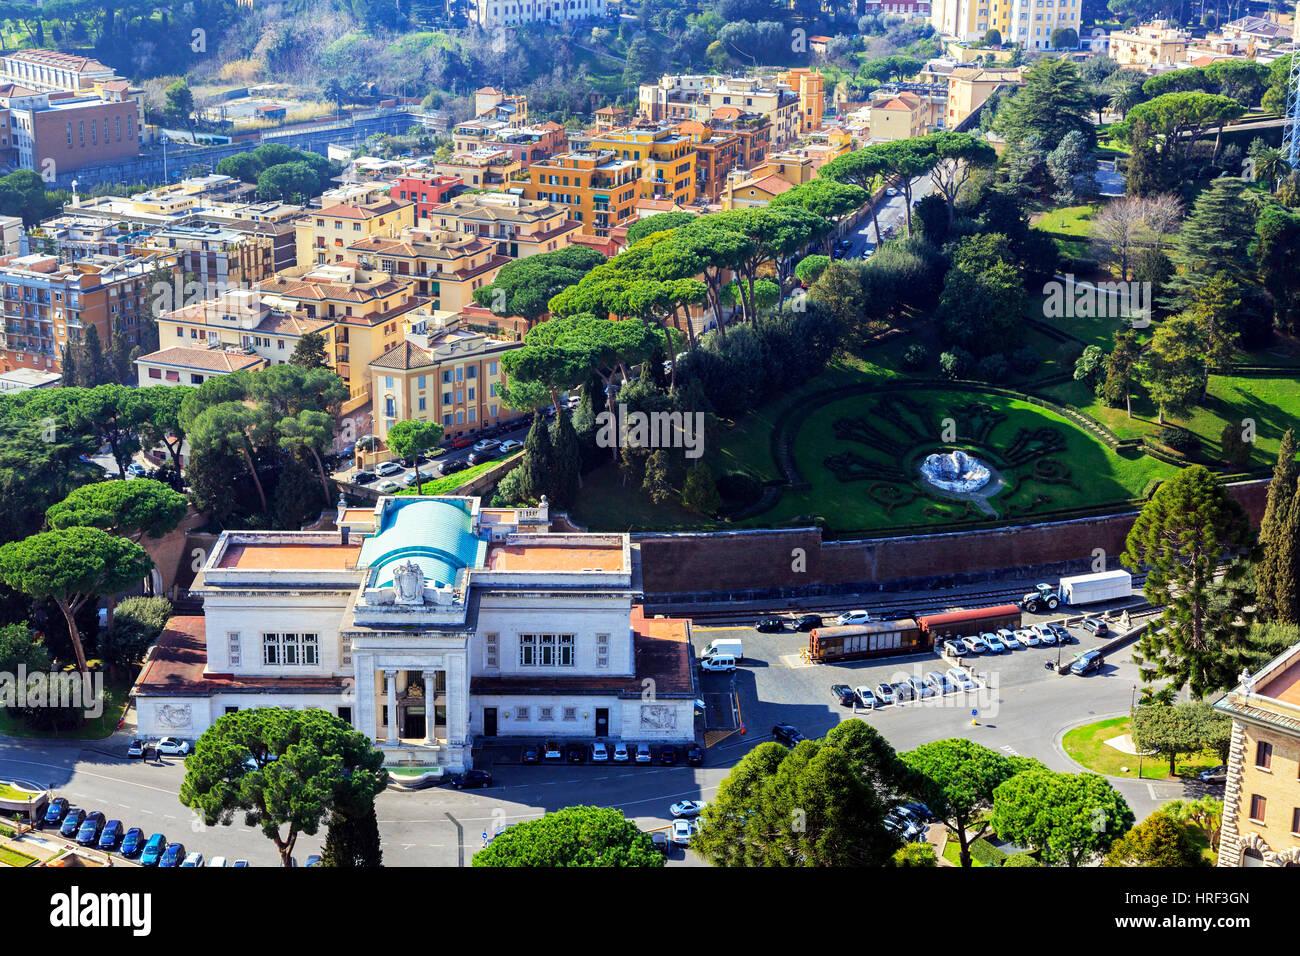 Stazione Ferroviaria Vaticano, the Vatican Railway station, Vatican city, Rome, Italy - Stock Image